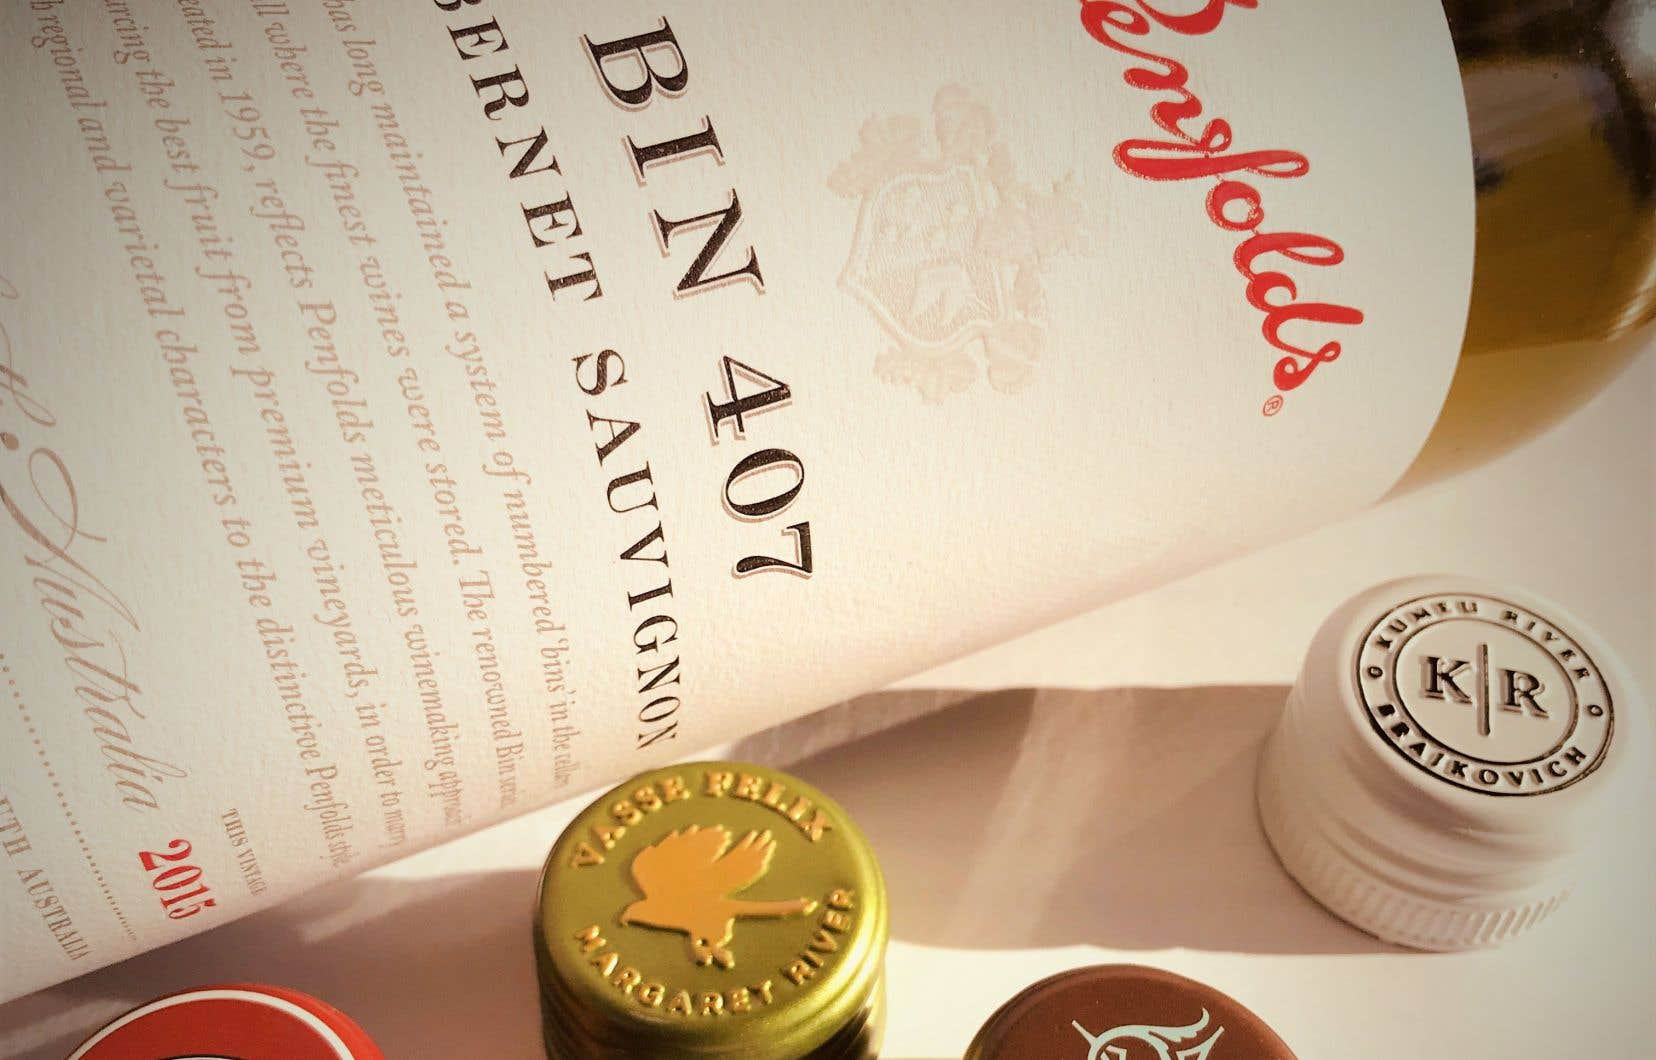 Le cabernet sauvignon Bin 407 montre une robe juvénile et profonde ainsi que des parfums exponentiels et détaillés (cèdre, graphite, cassis, menthe…) sur une bouche savoureuse.